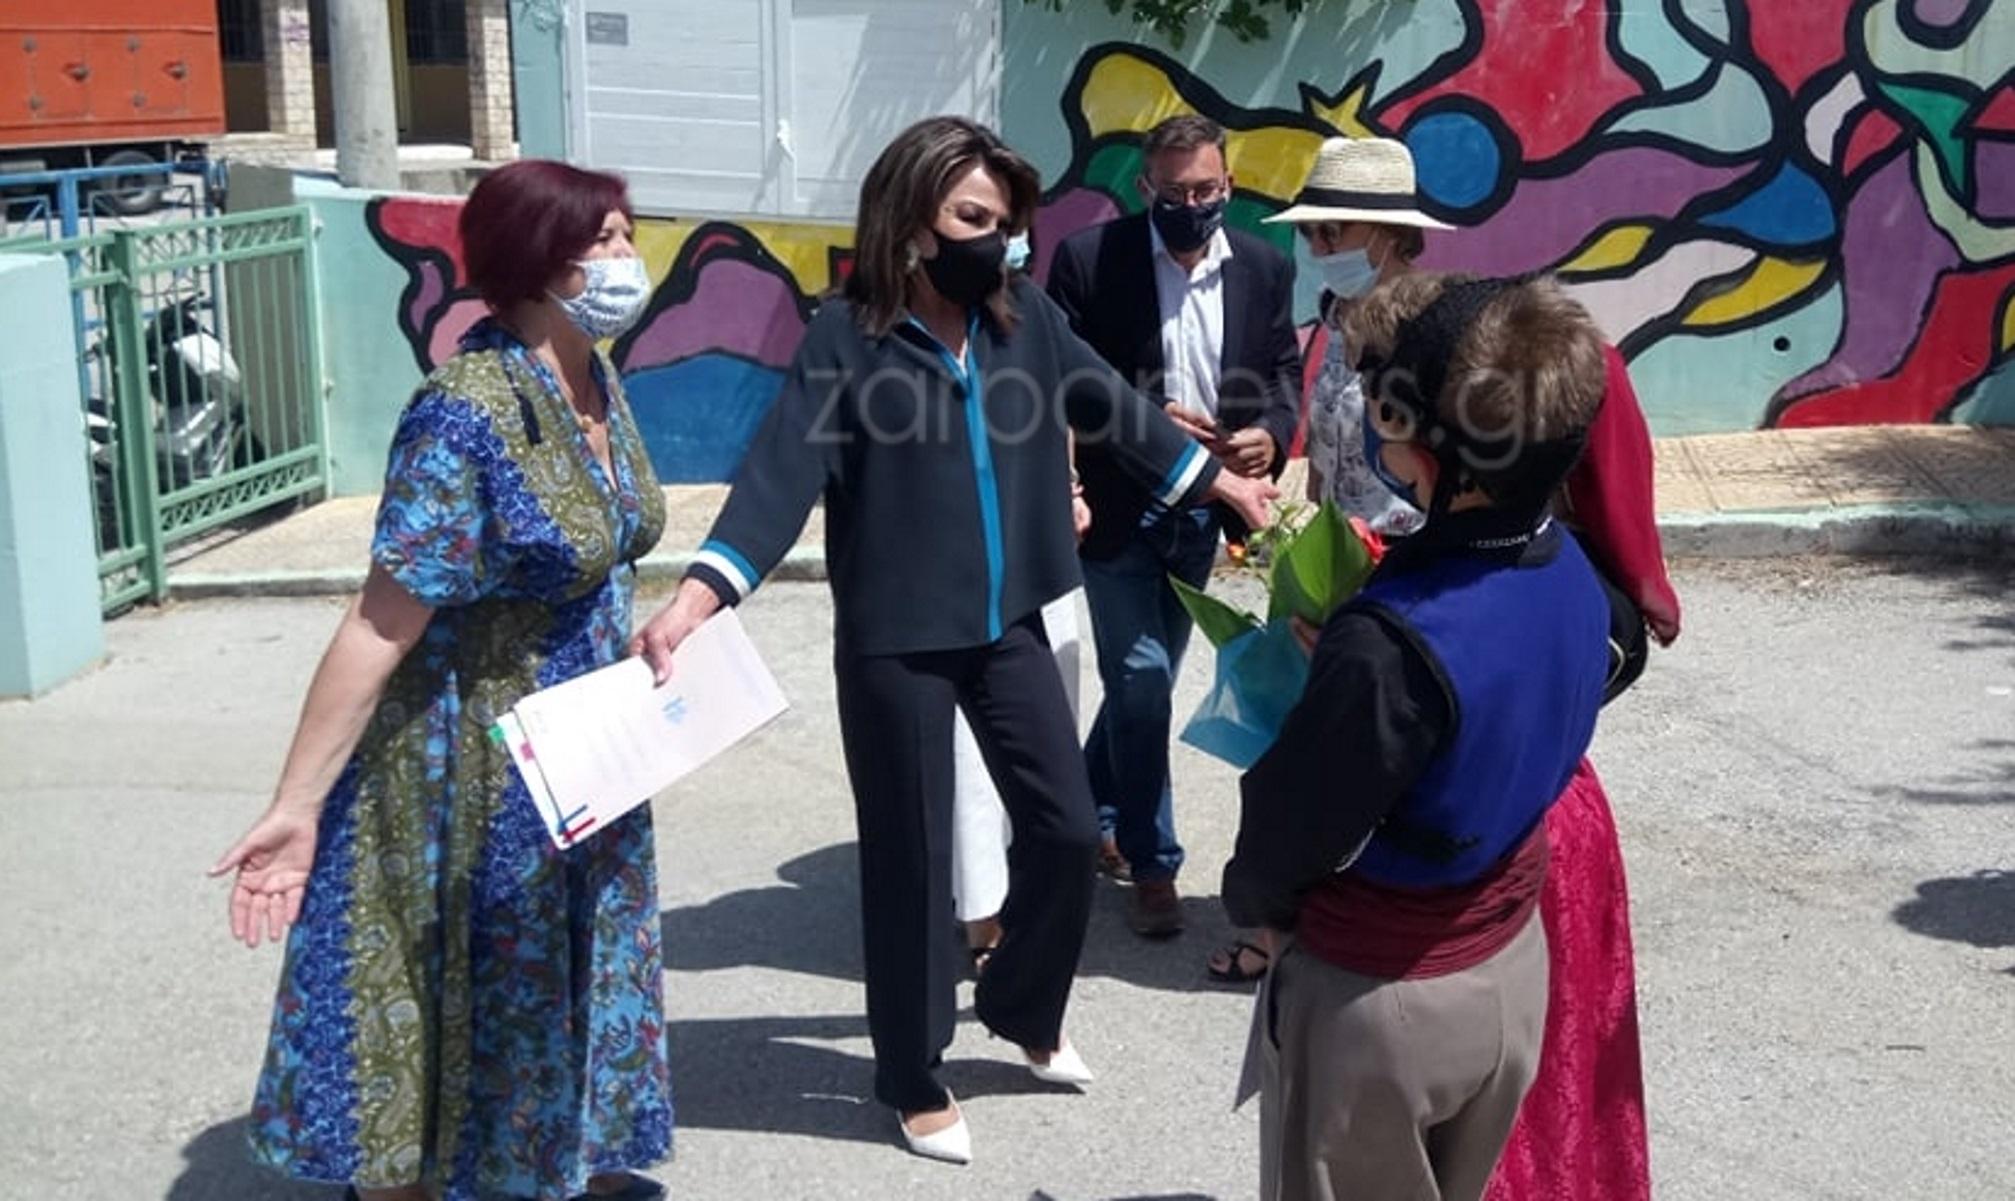 Η Γιάννα Αγγελοπούλου σε σχολεία στα Χανιά – Έγινε δεκτή με δώρα και μαντινάδες (pics, vid)